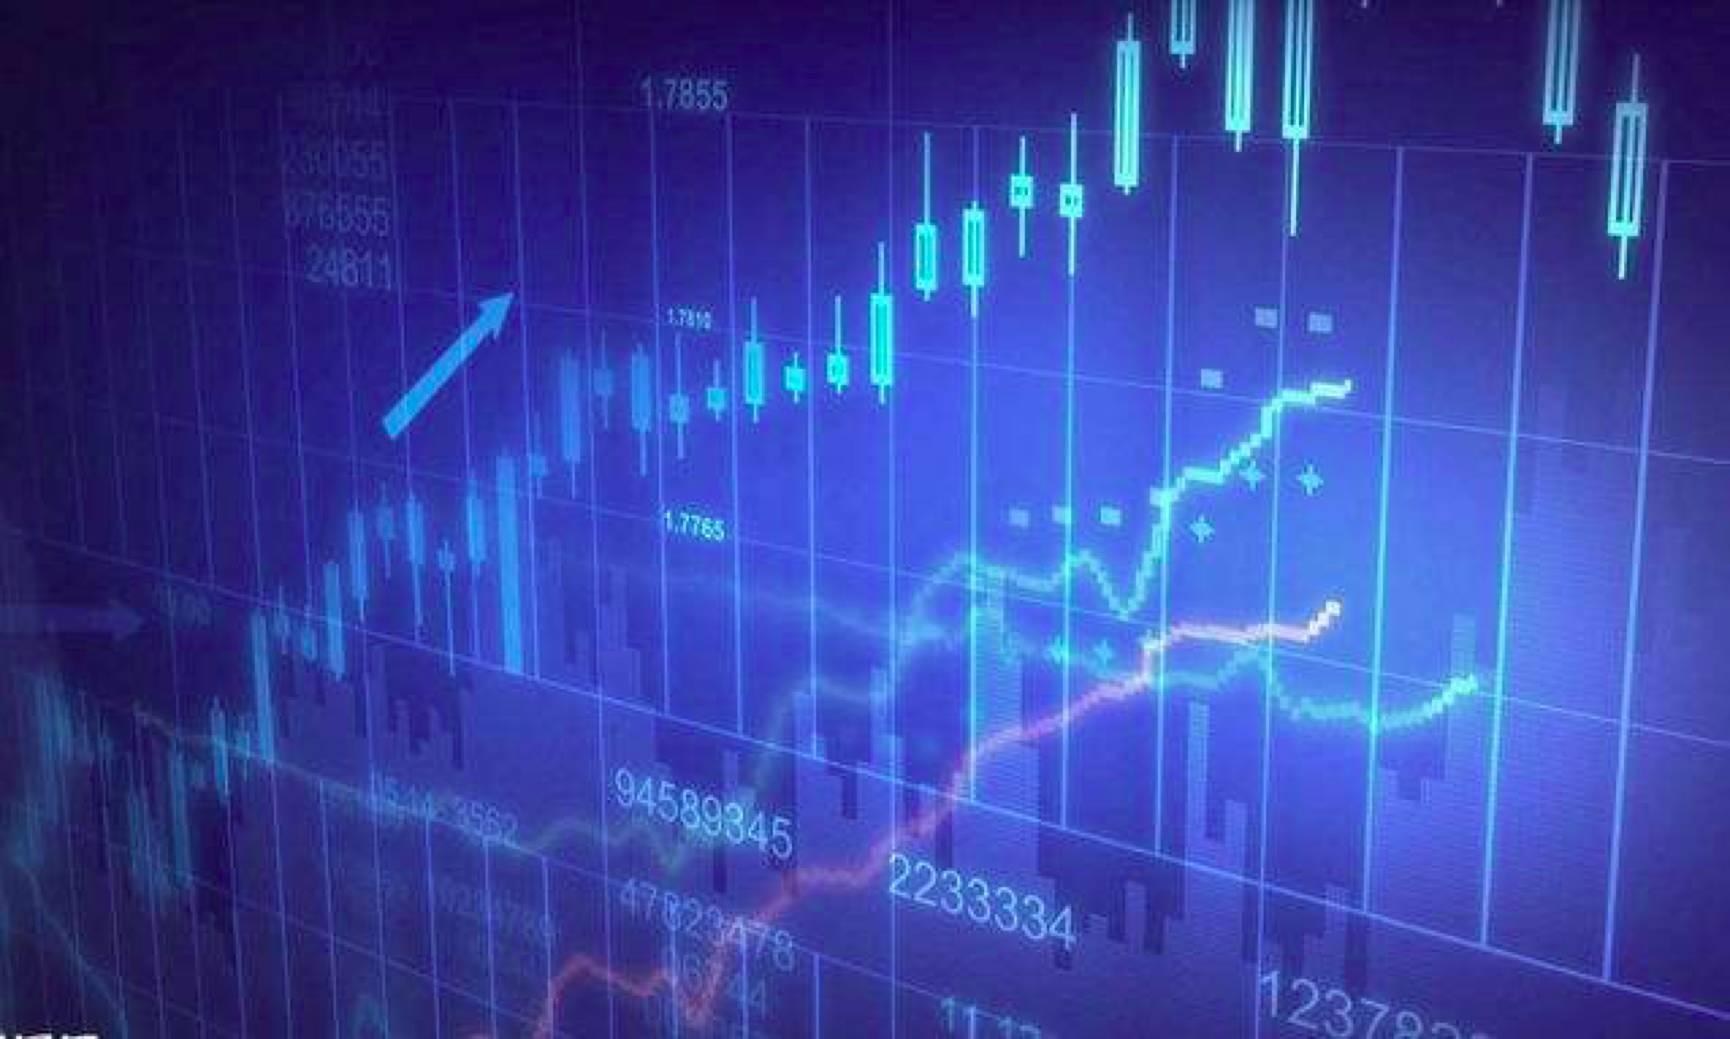 金投策略股票配资,中新网8月18日电 据商